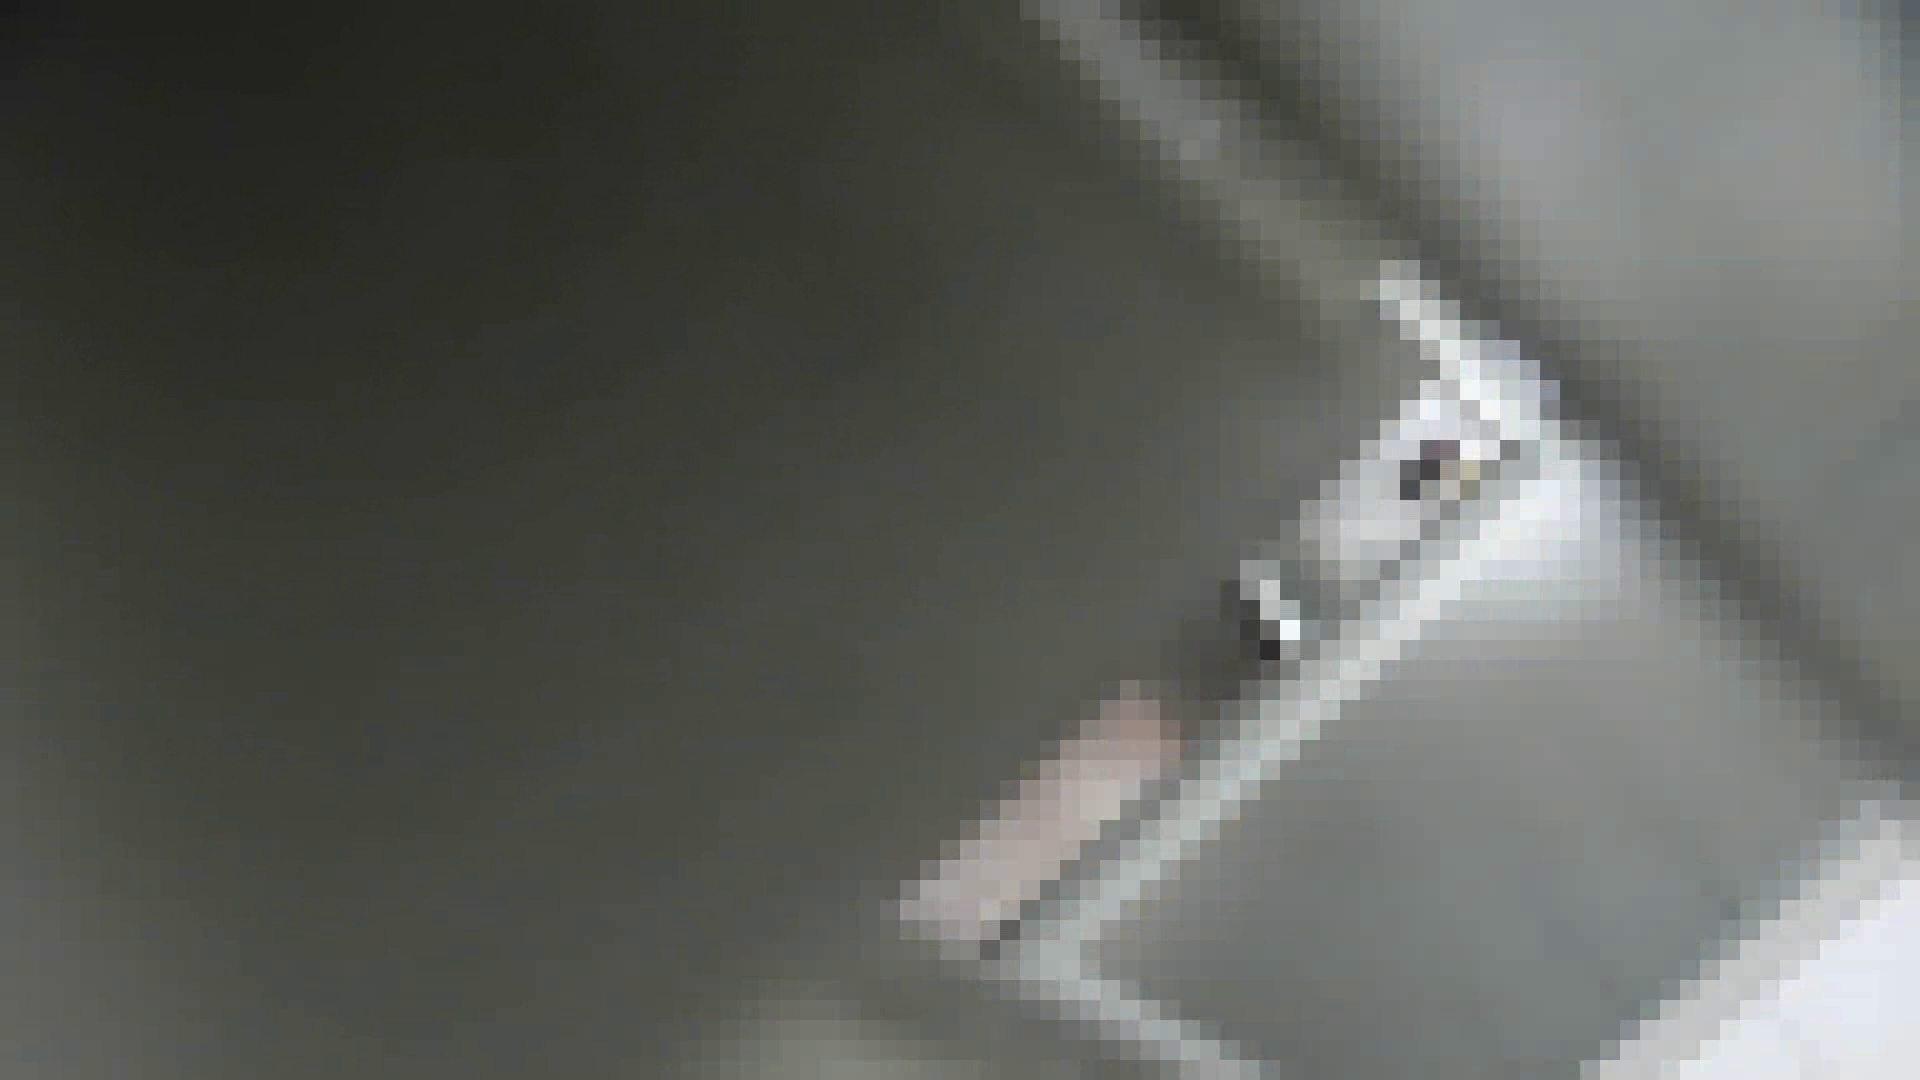 【美しき個室な世界】 vol.022 ヒクヒクさんたち OLの実態  92pic 60